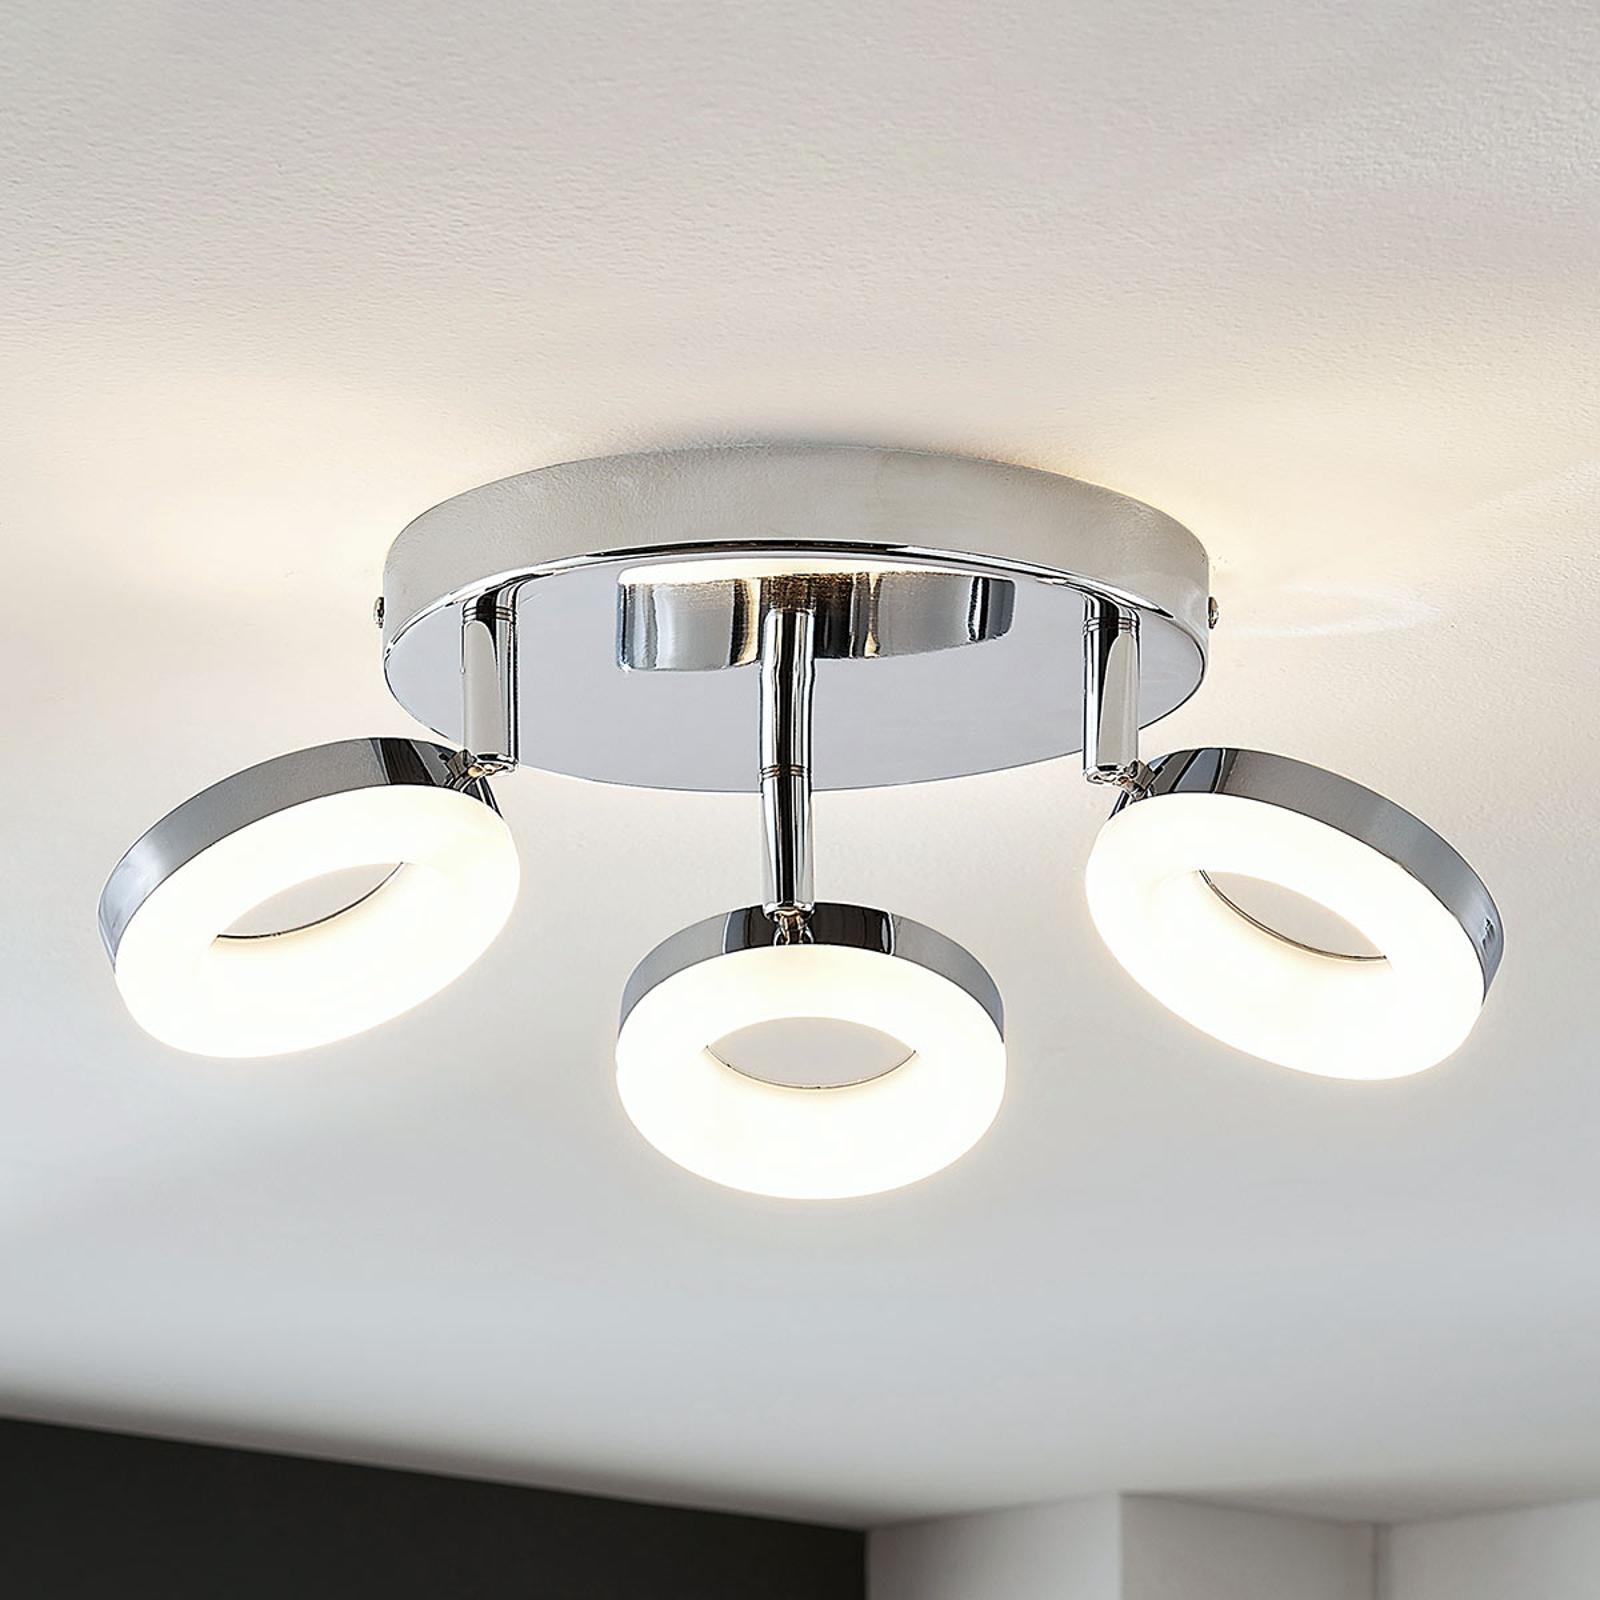 Lampa sufitowa LED Ringo 3-punktowa, okrągła